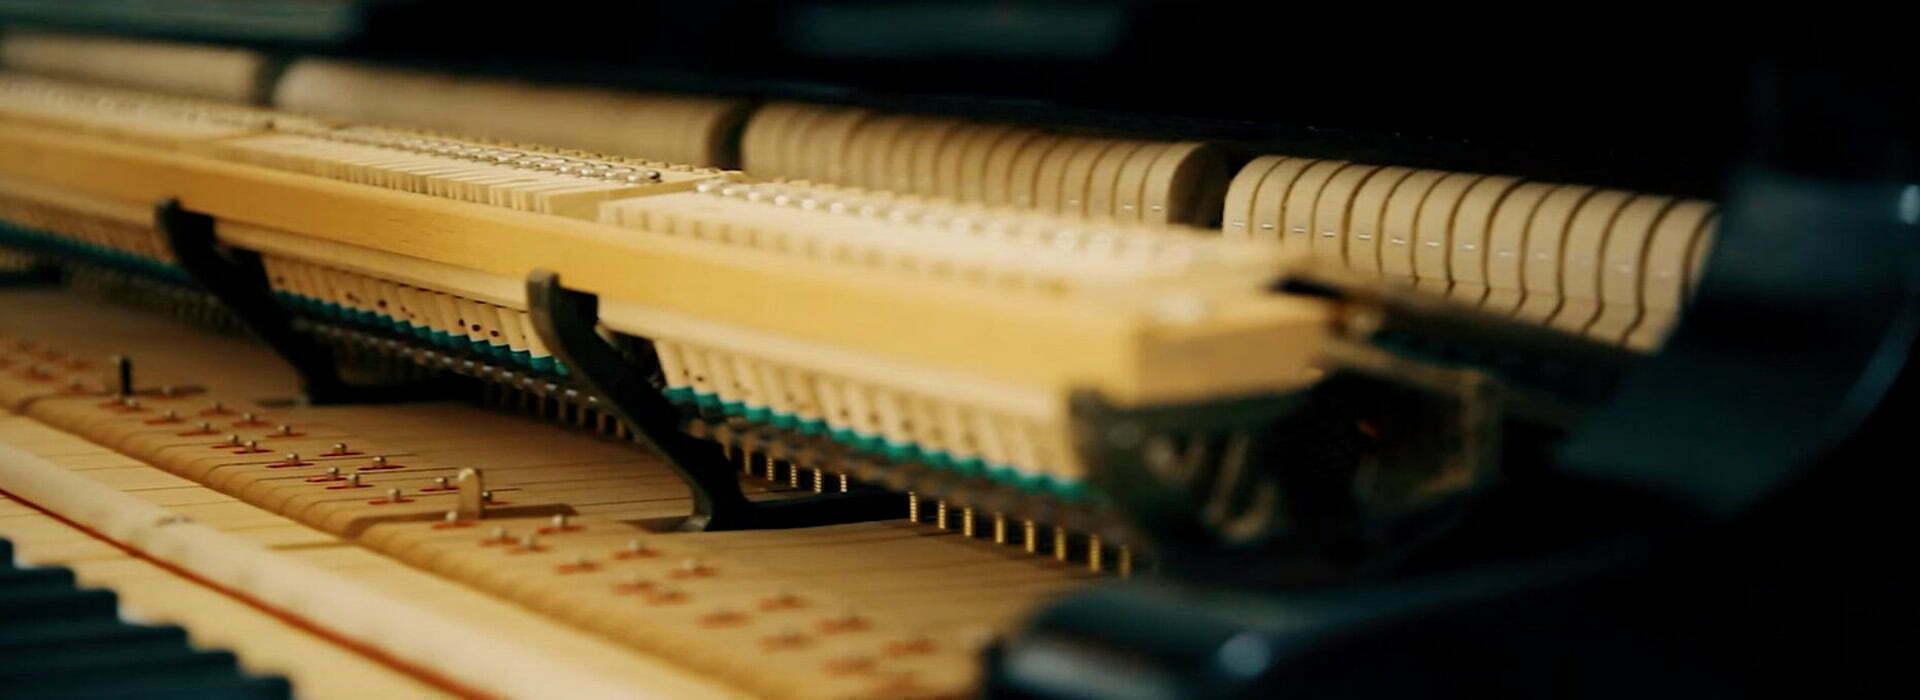 诺英德曼钢琴 - 德国百年钢琴品牌